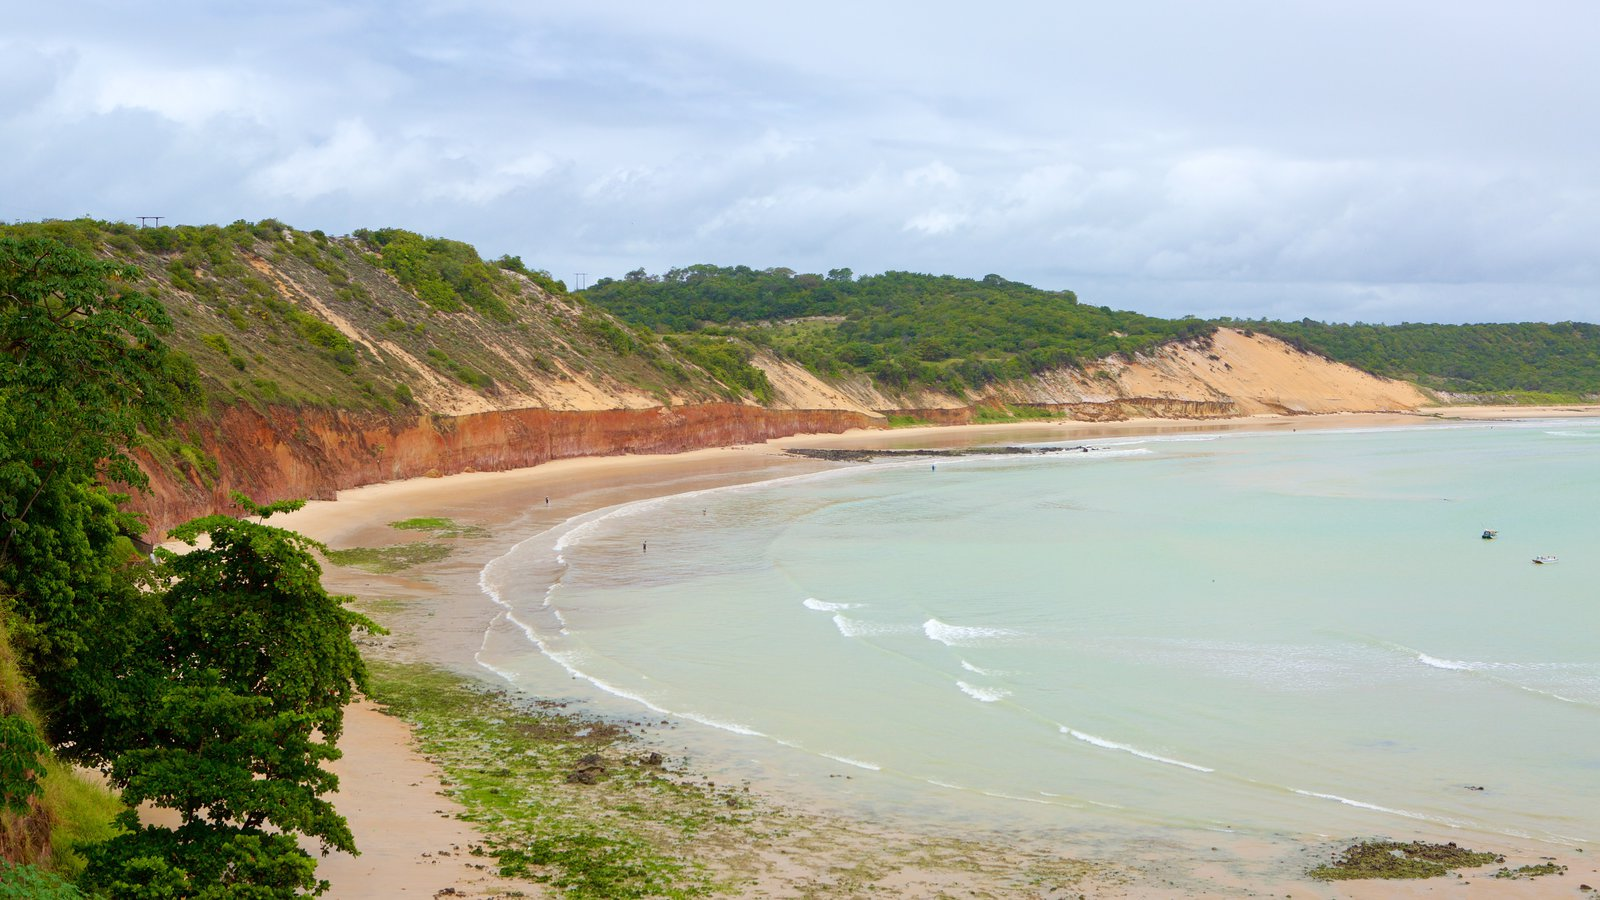 Baía Formosa que inclui uma praia e paisagens litorâneas